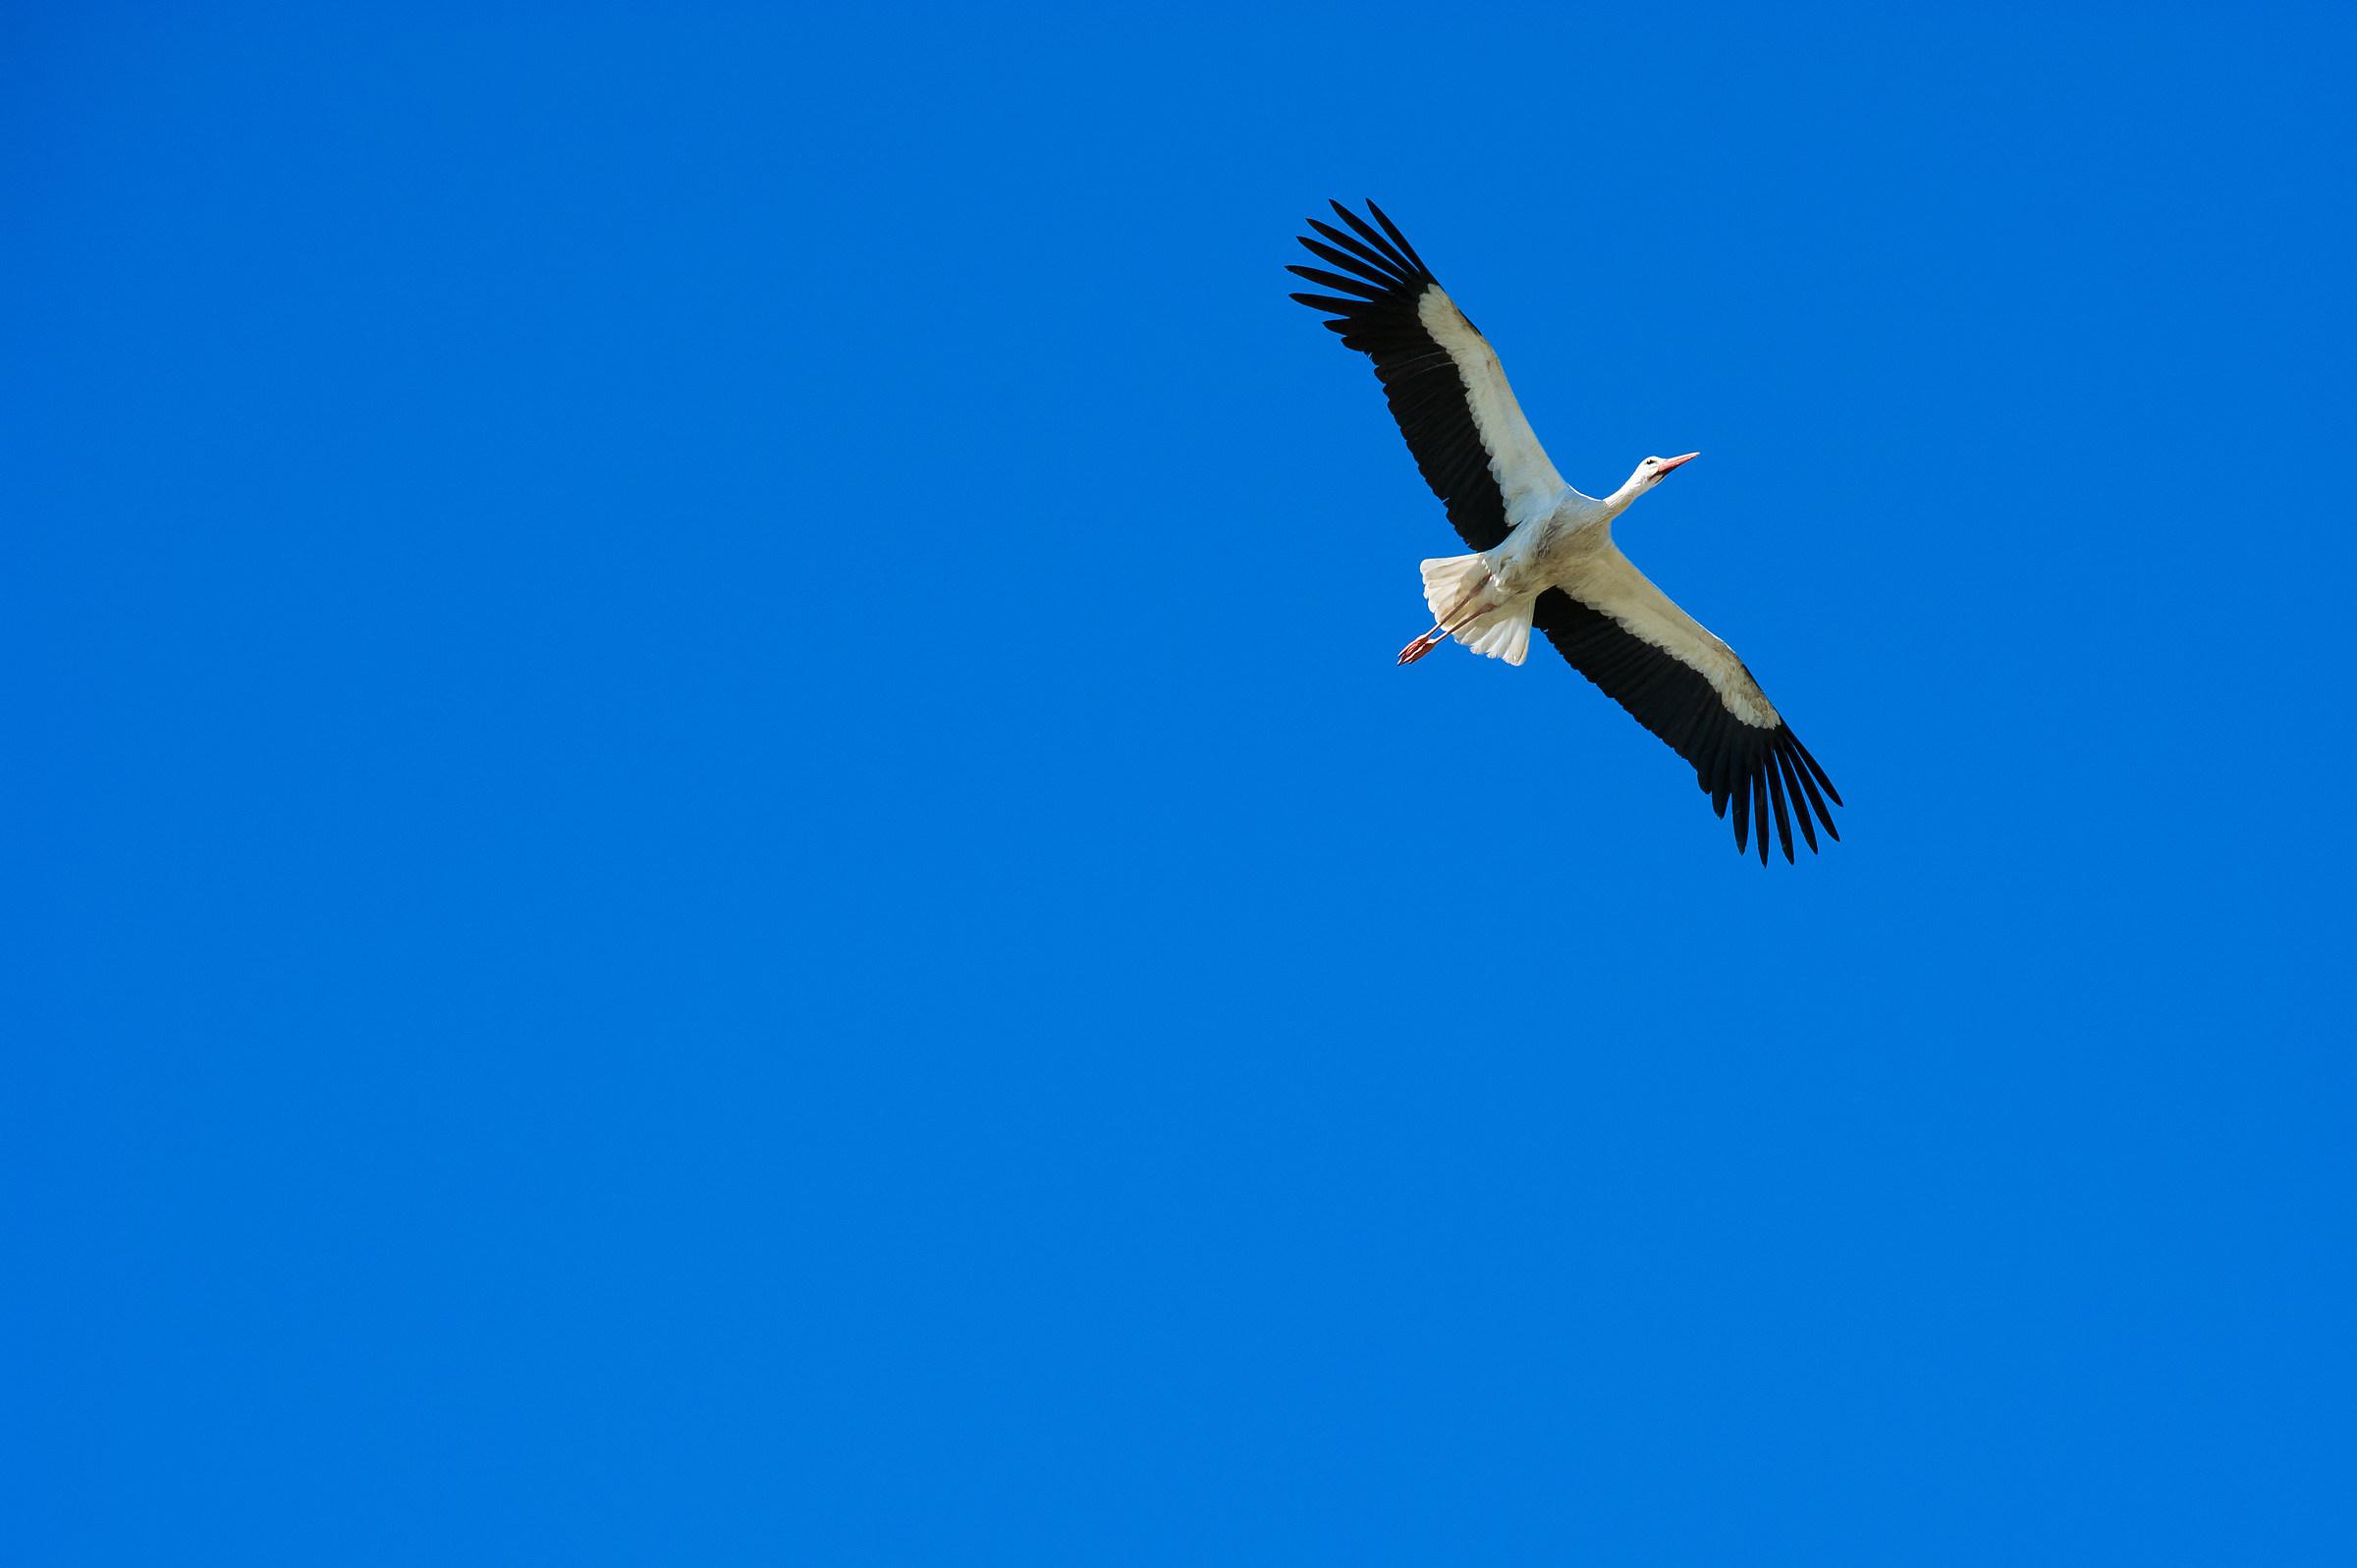 Stork in flight...